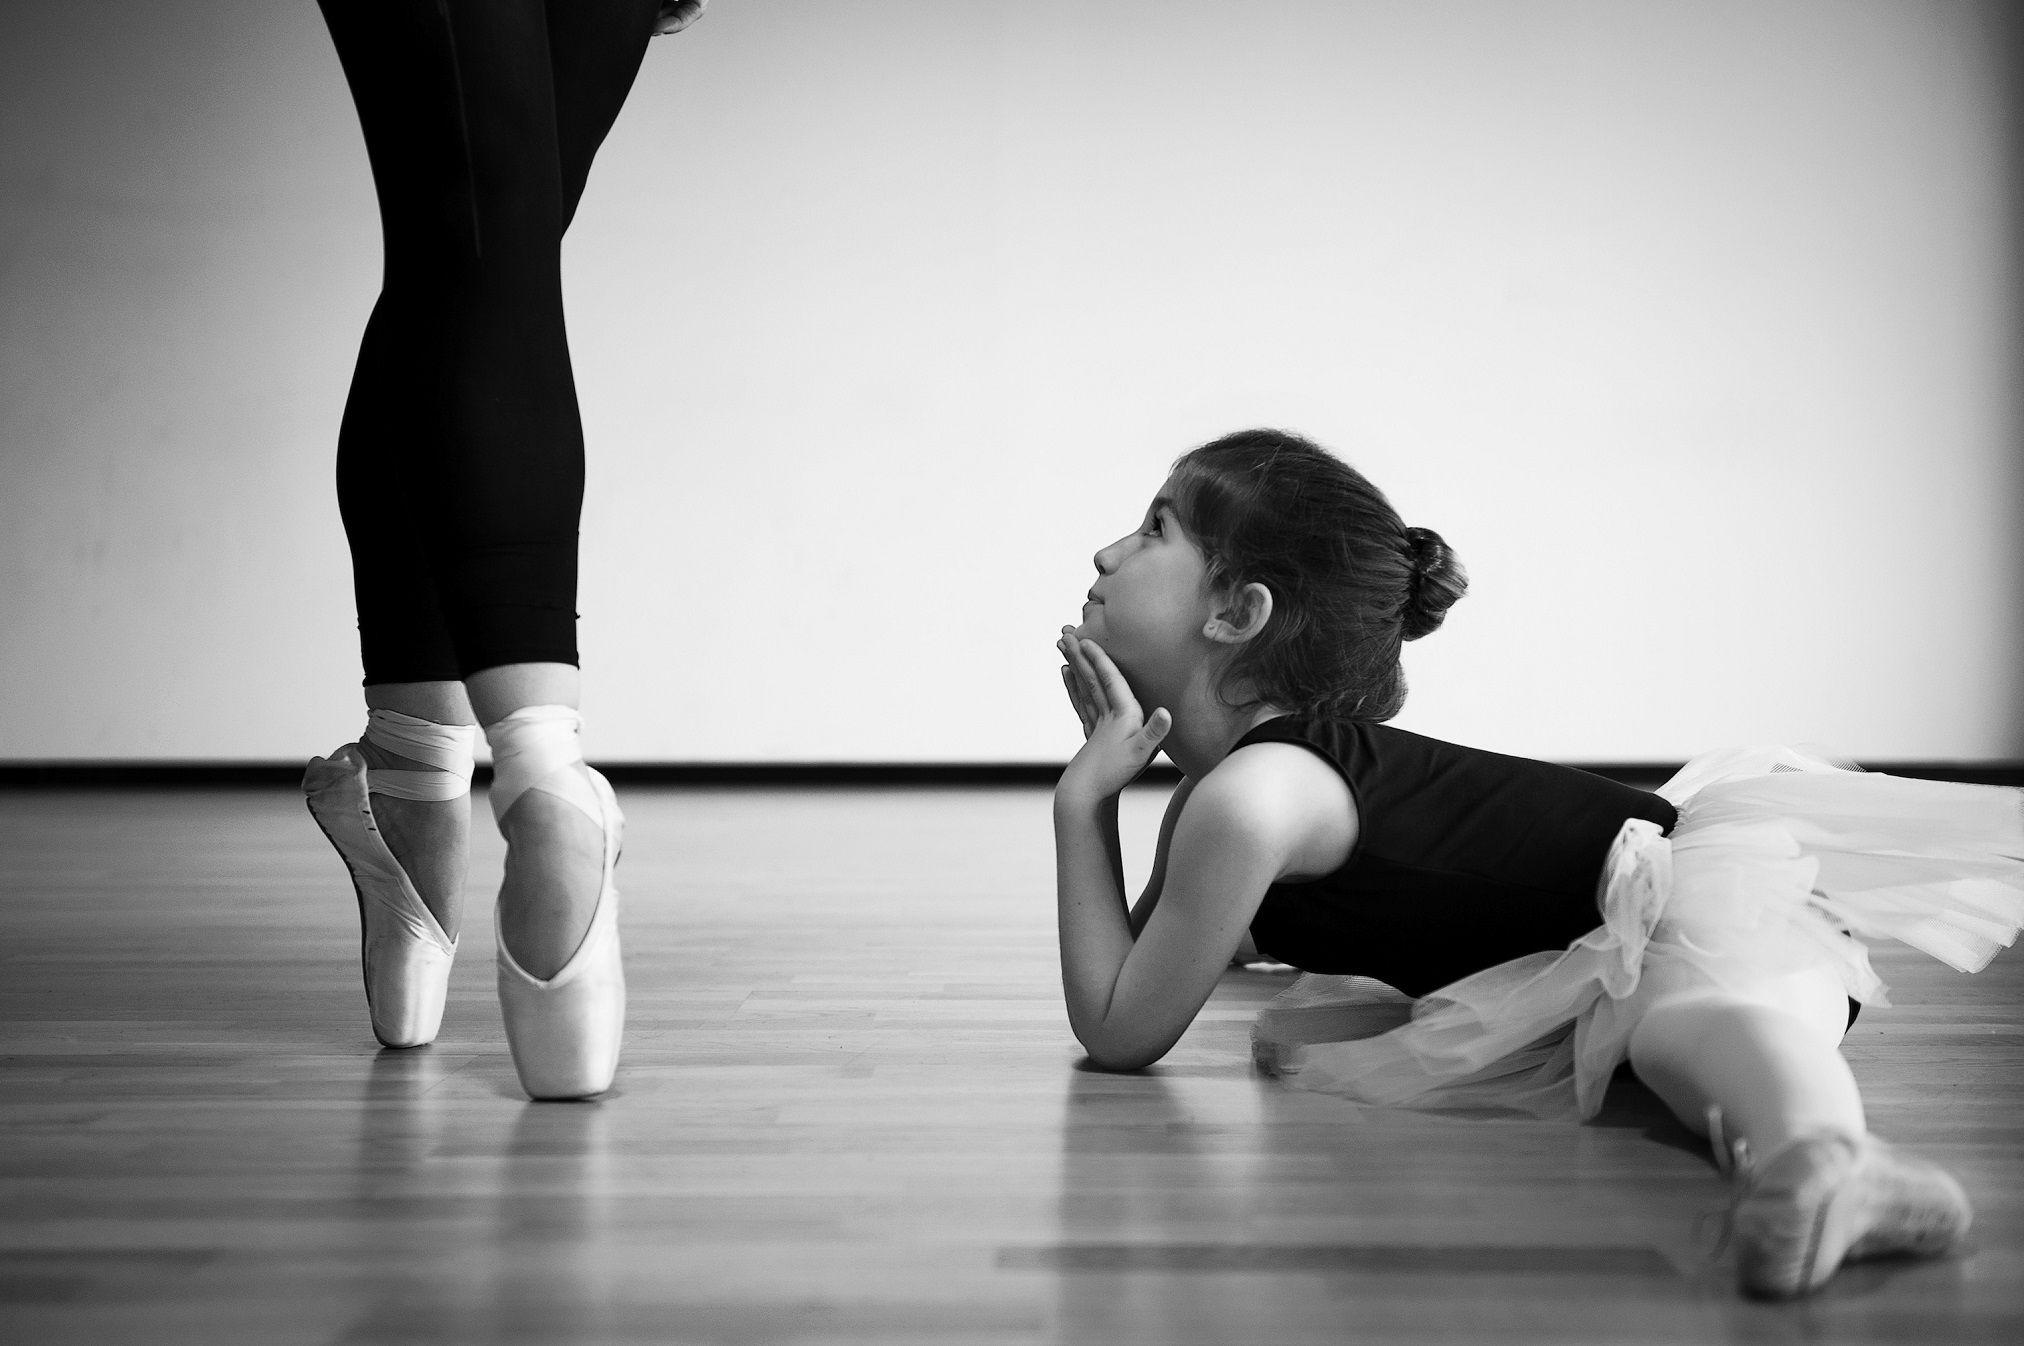 Девочка смотрит на взрослую балерину